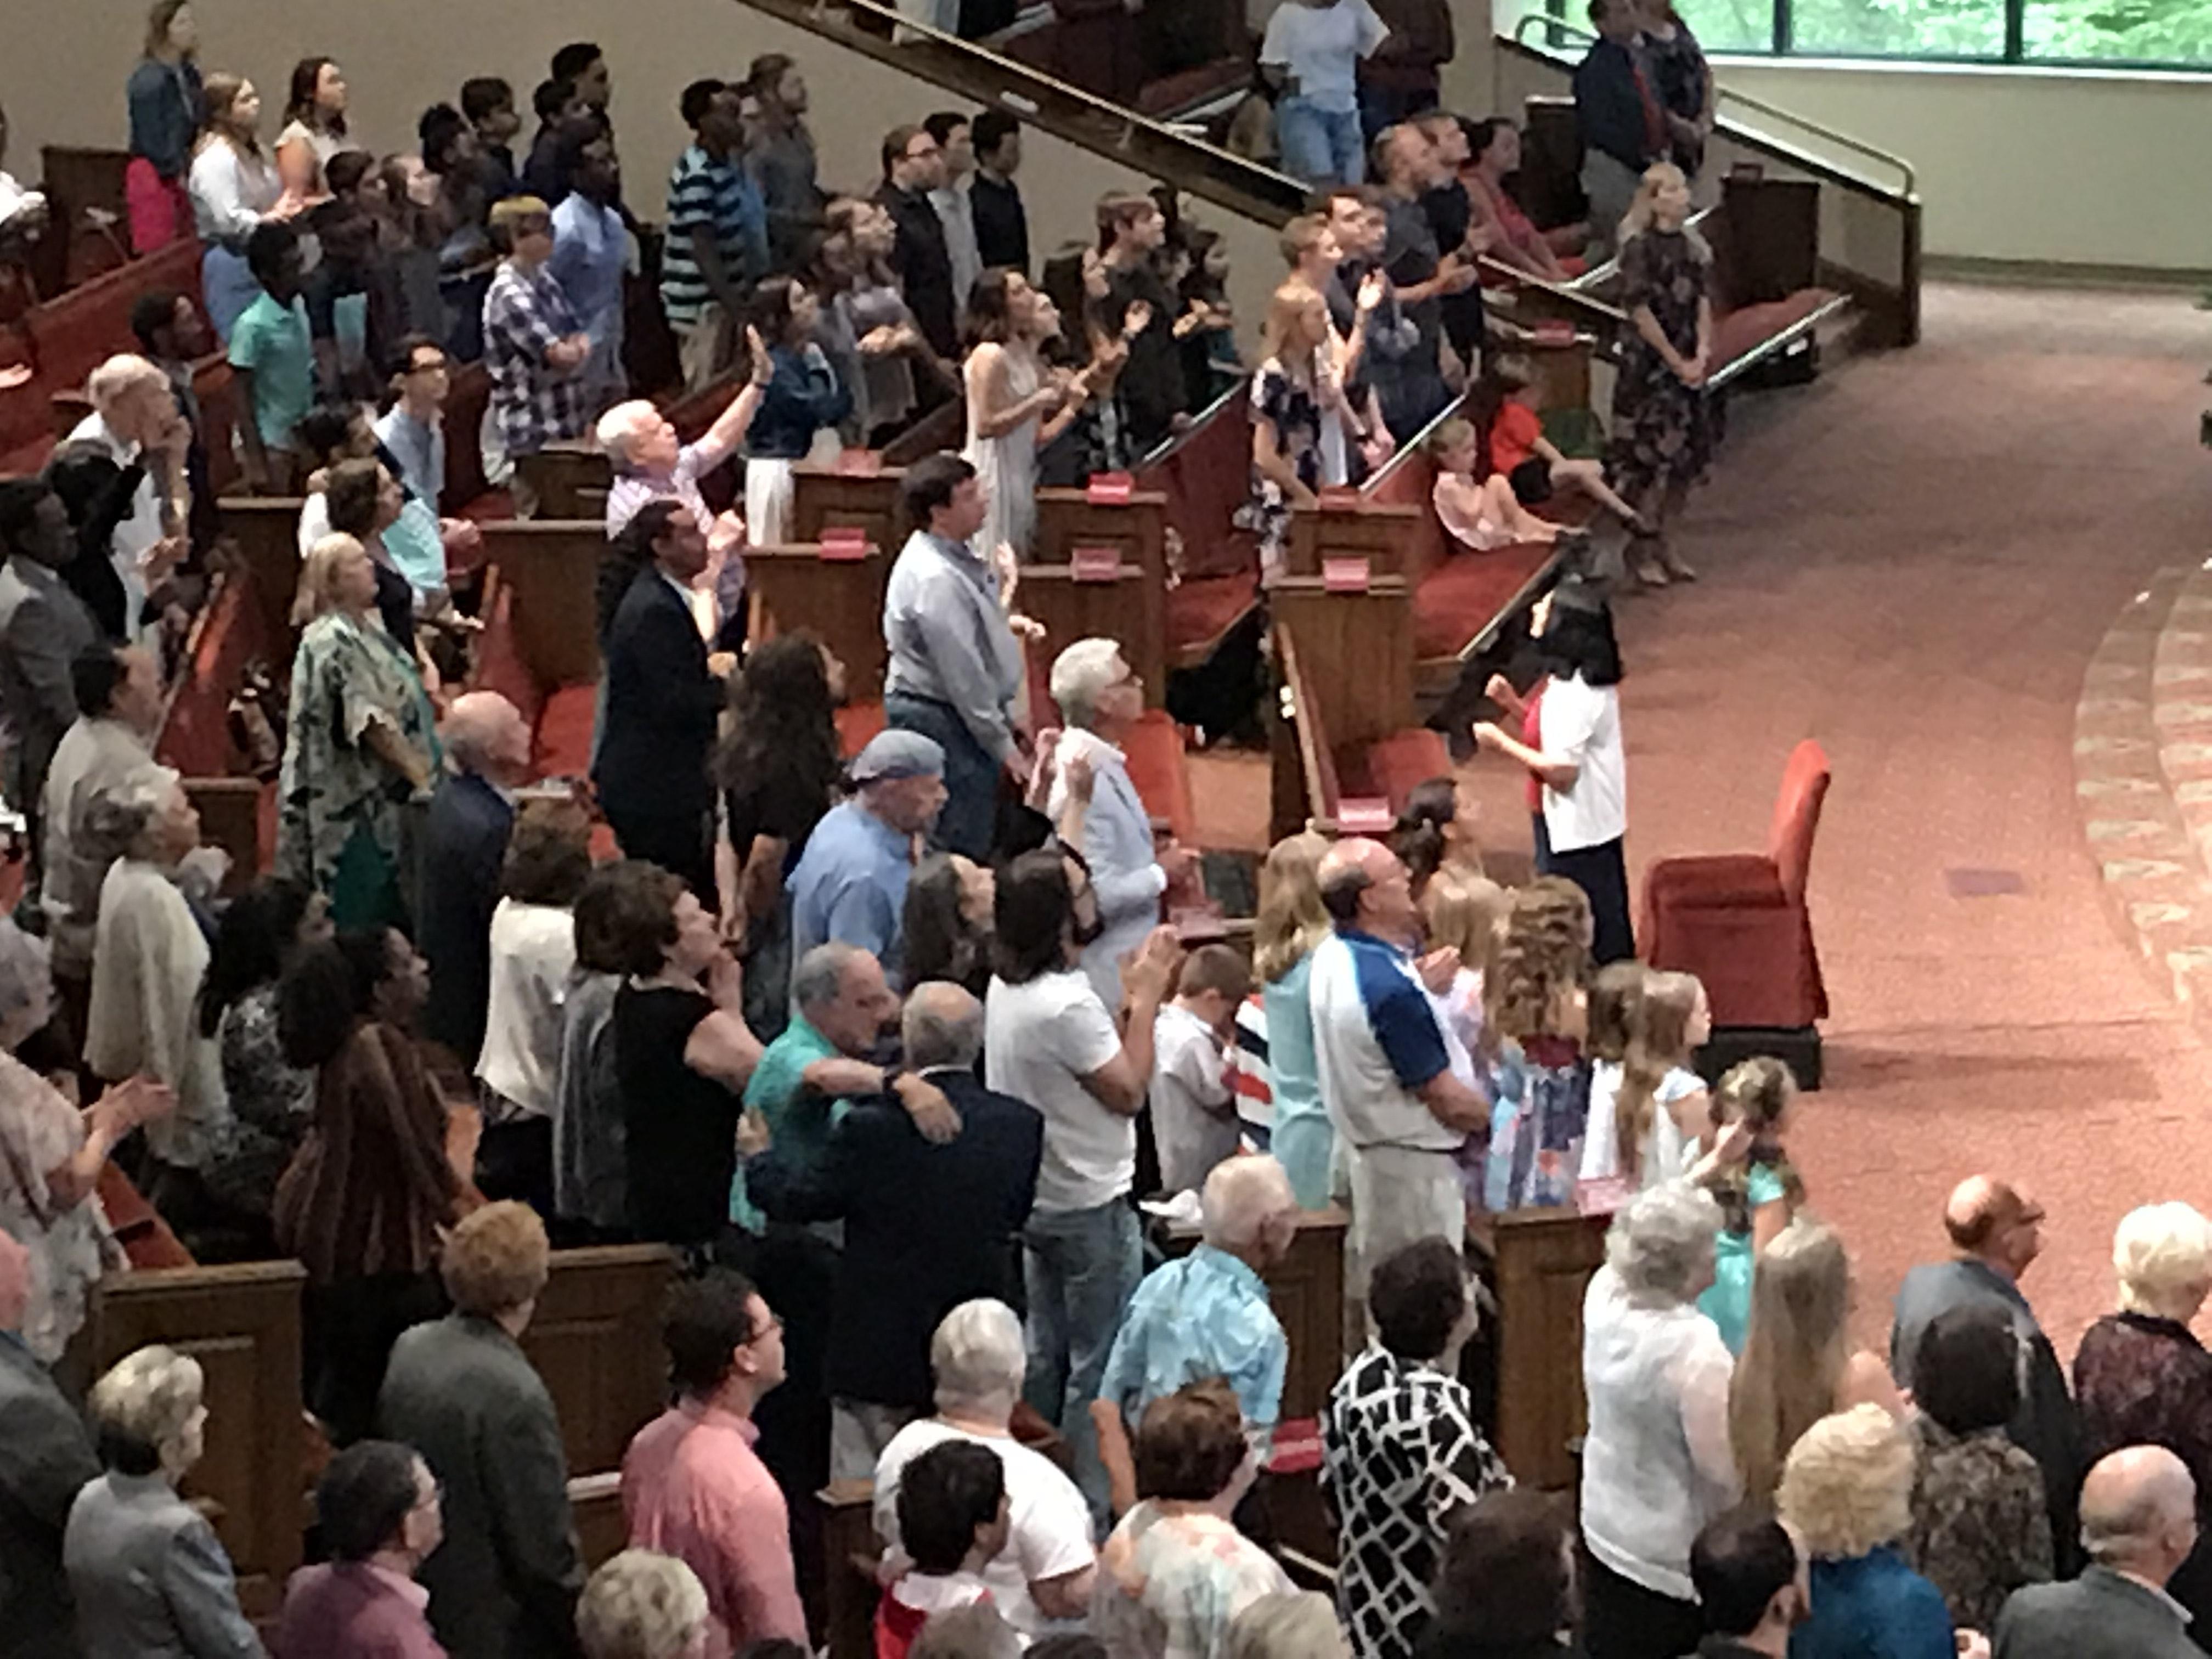 크라이스트 교회 예배 중 장애가 있는 사람들이 맨 앞자리에 함께 모여 수화로 찬양을 드리고 있다. 사진 오천의 목사, 연합감리교회 공보부